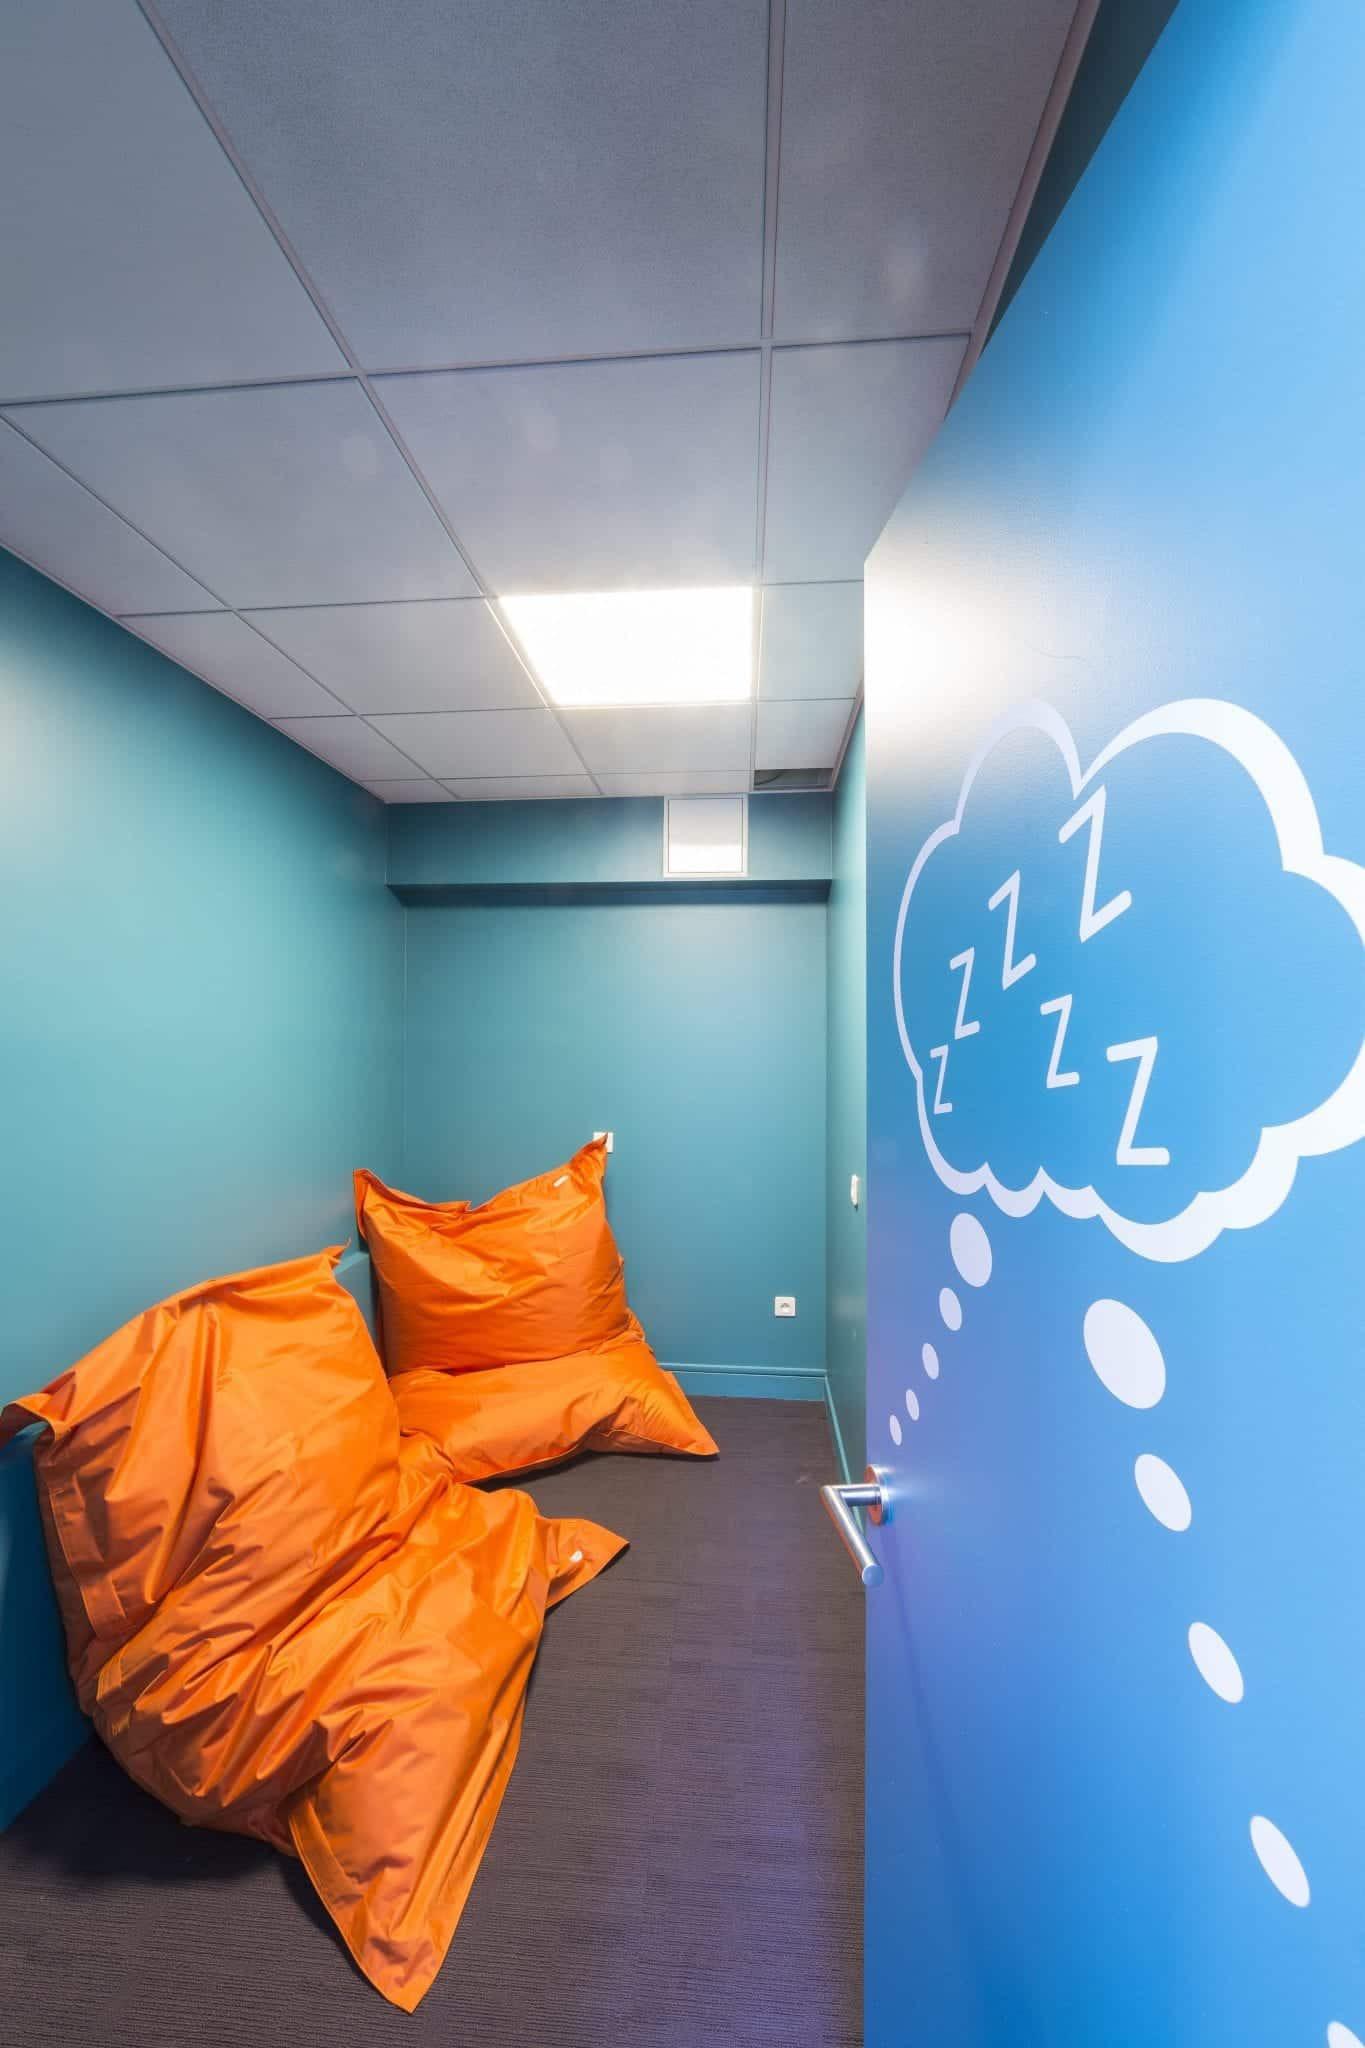 Conception d'une salle de repos au sein d'une entreprise